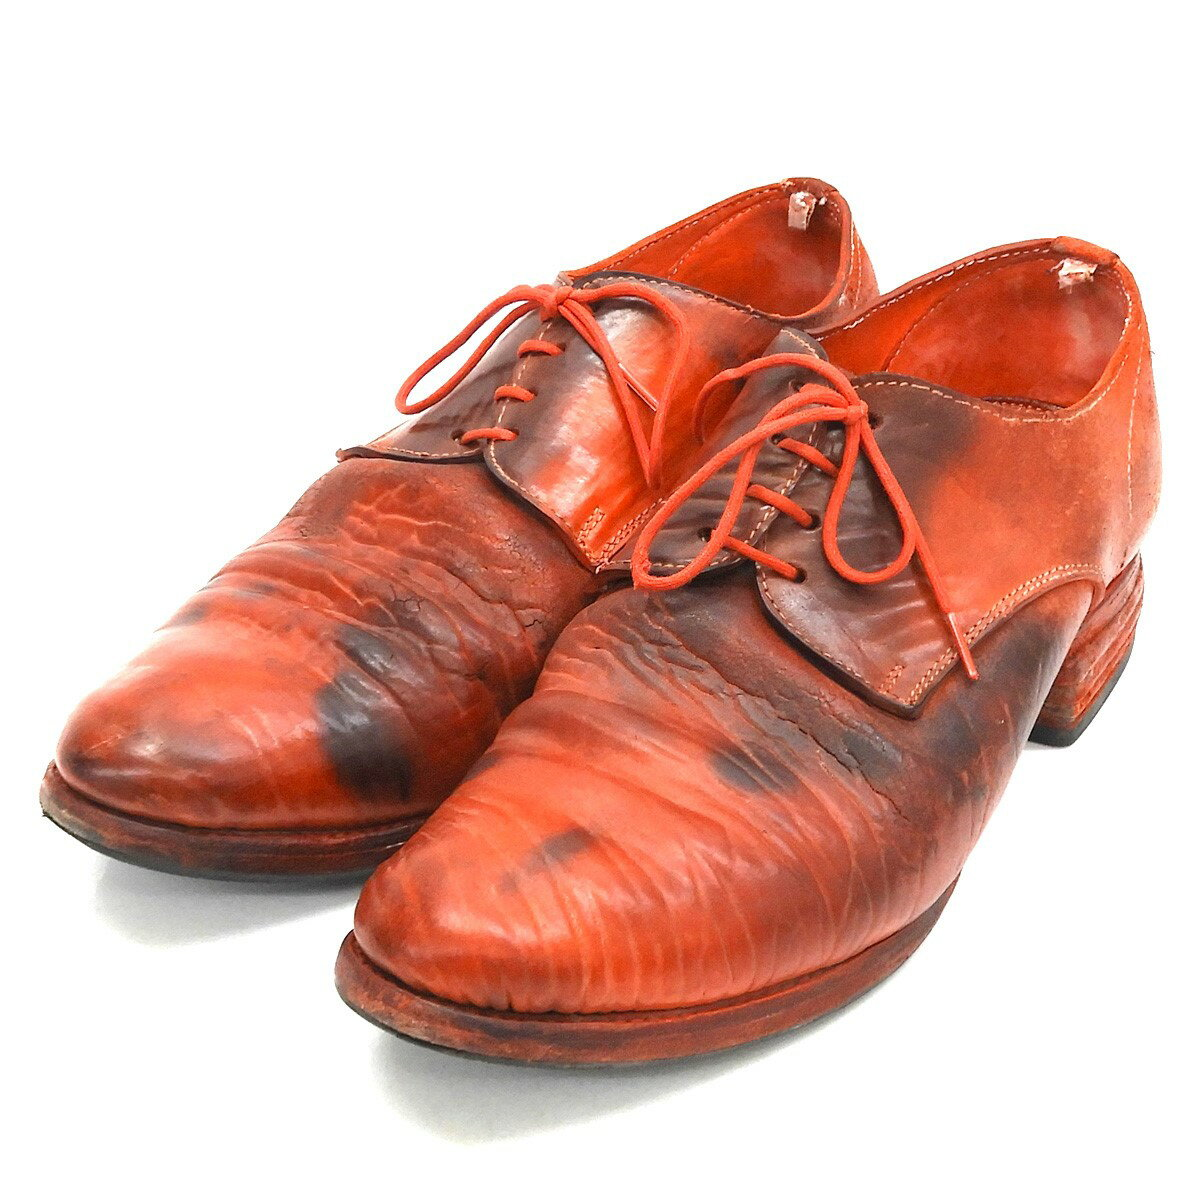 メンズ靴, その他 CAROL CHRISTIAN POELL - 091020